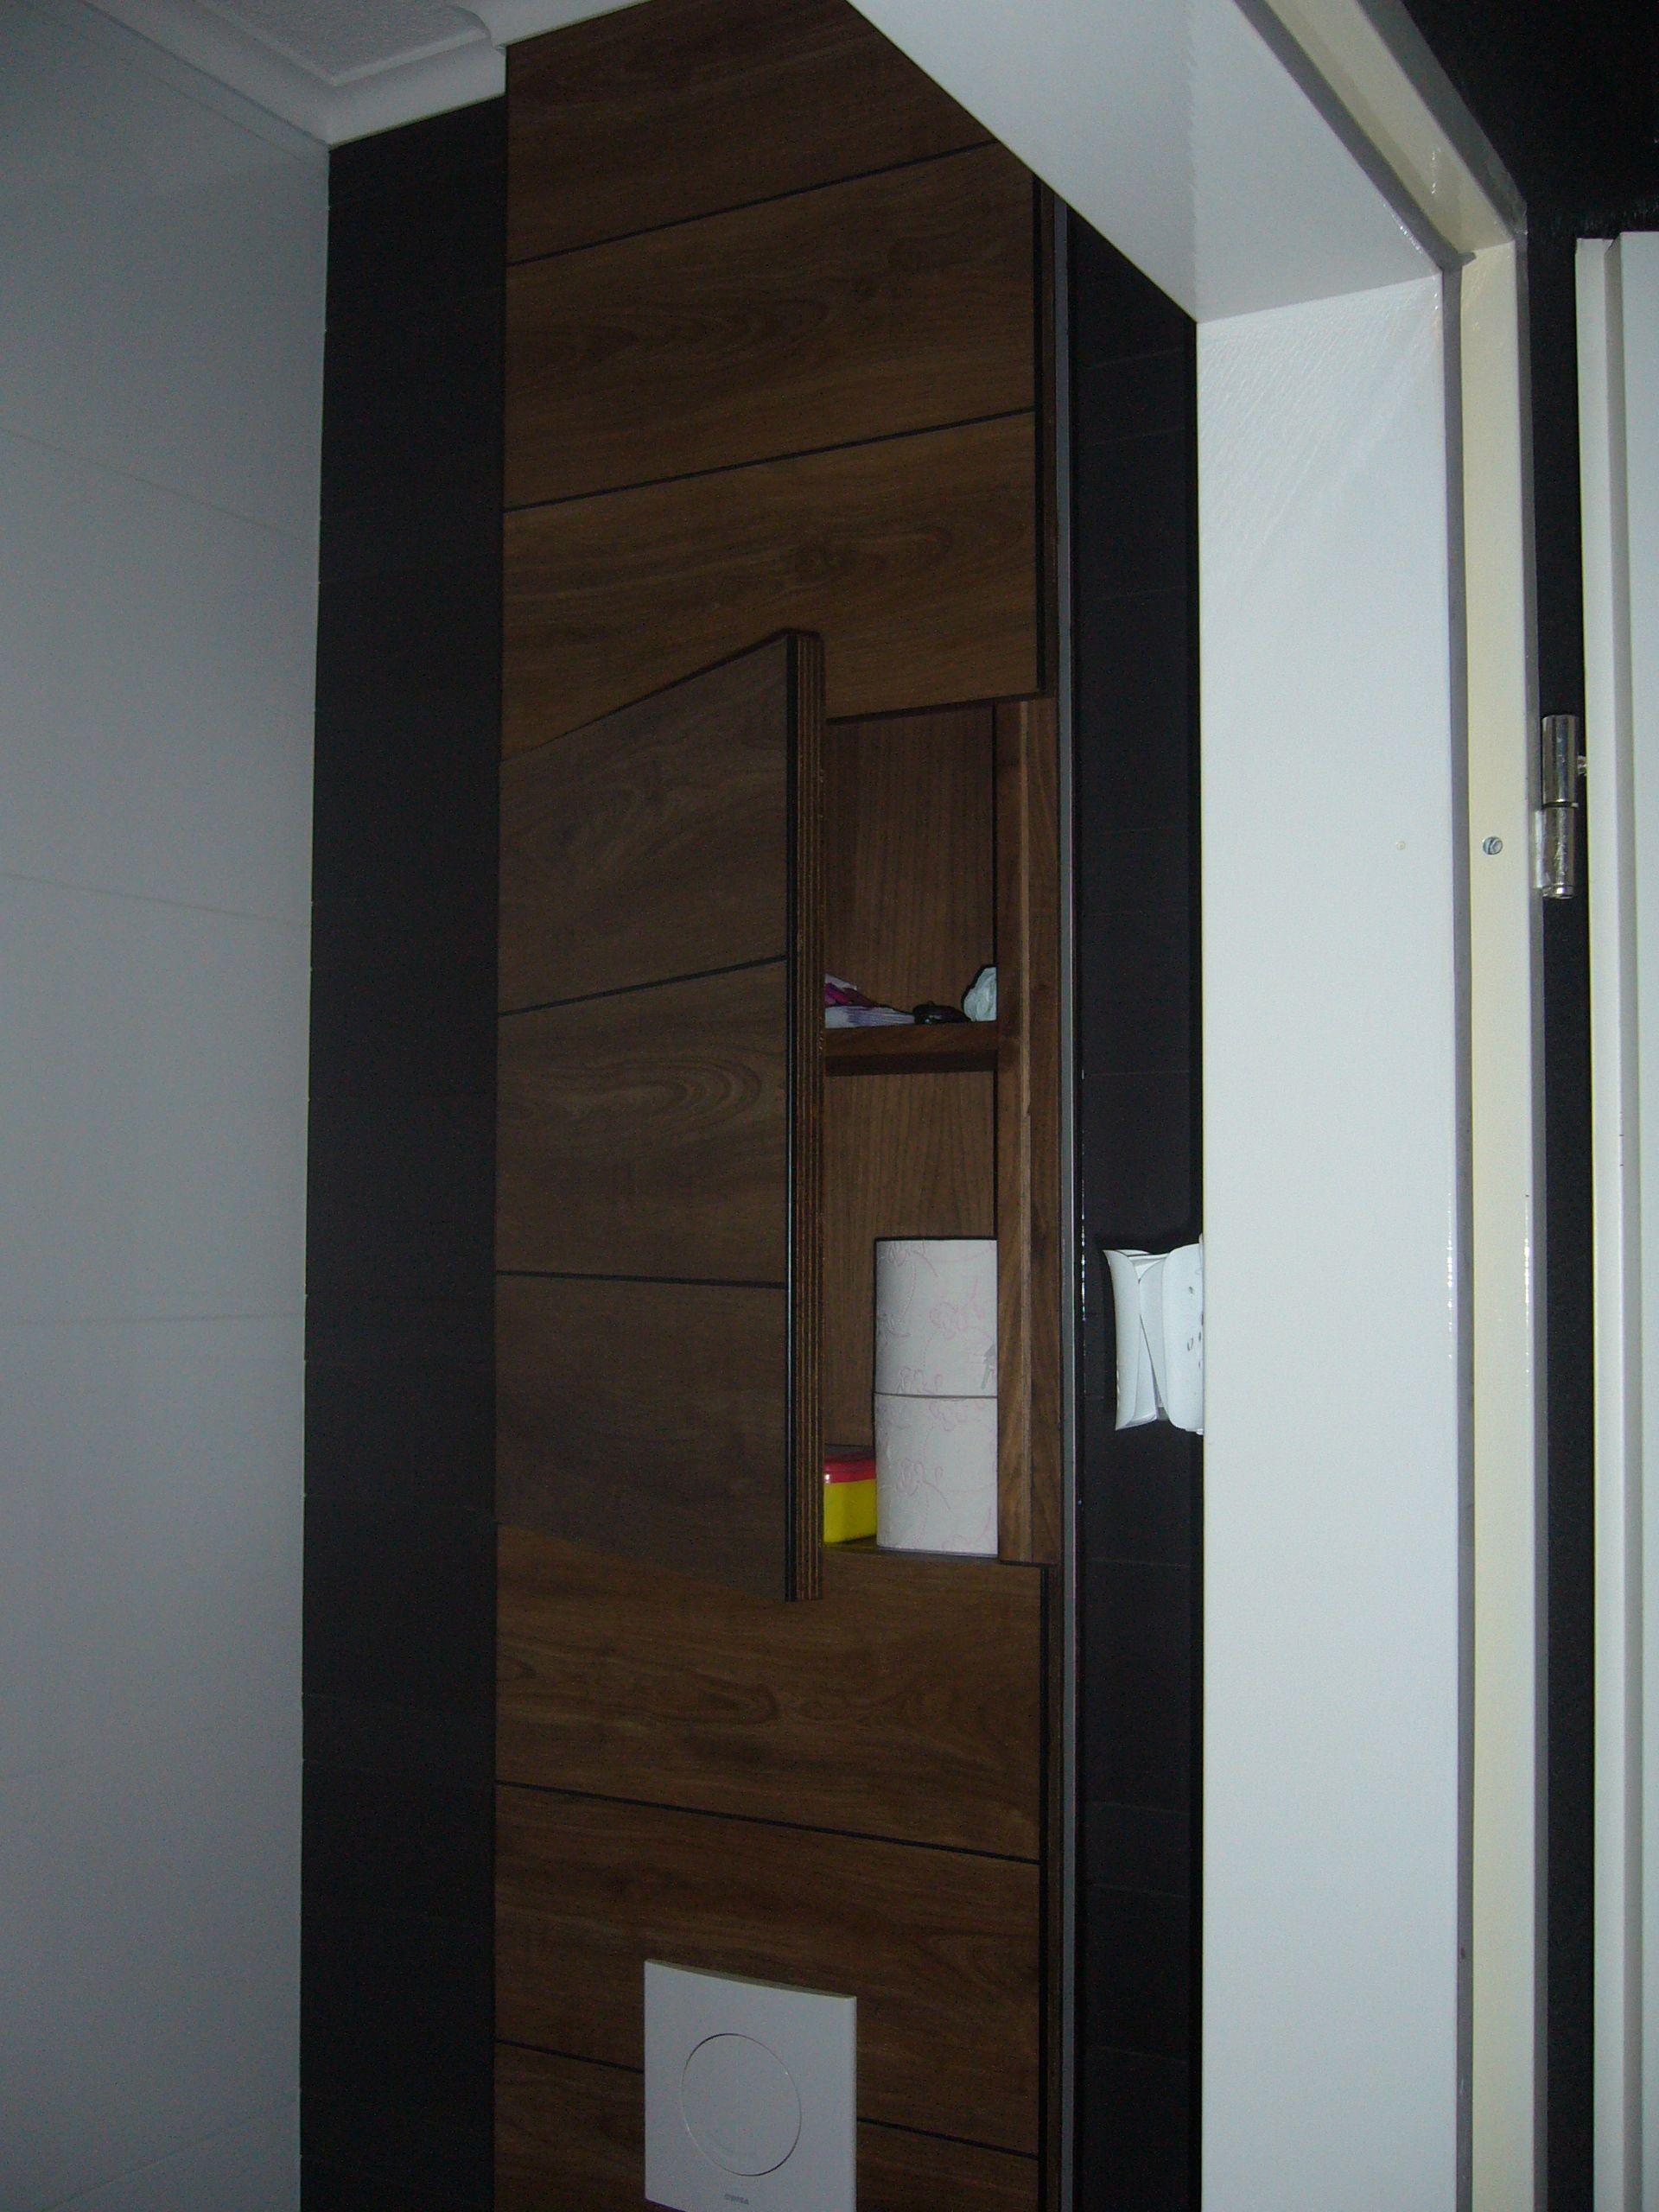 kastje verstoptingebouwd boven toiletreservaar toilet